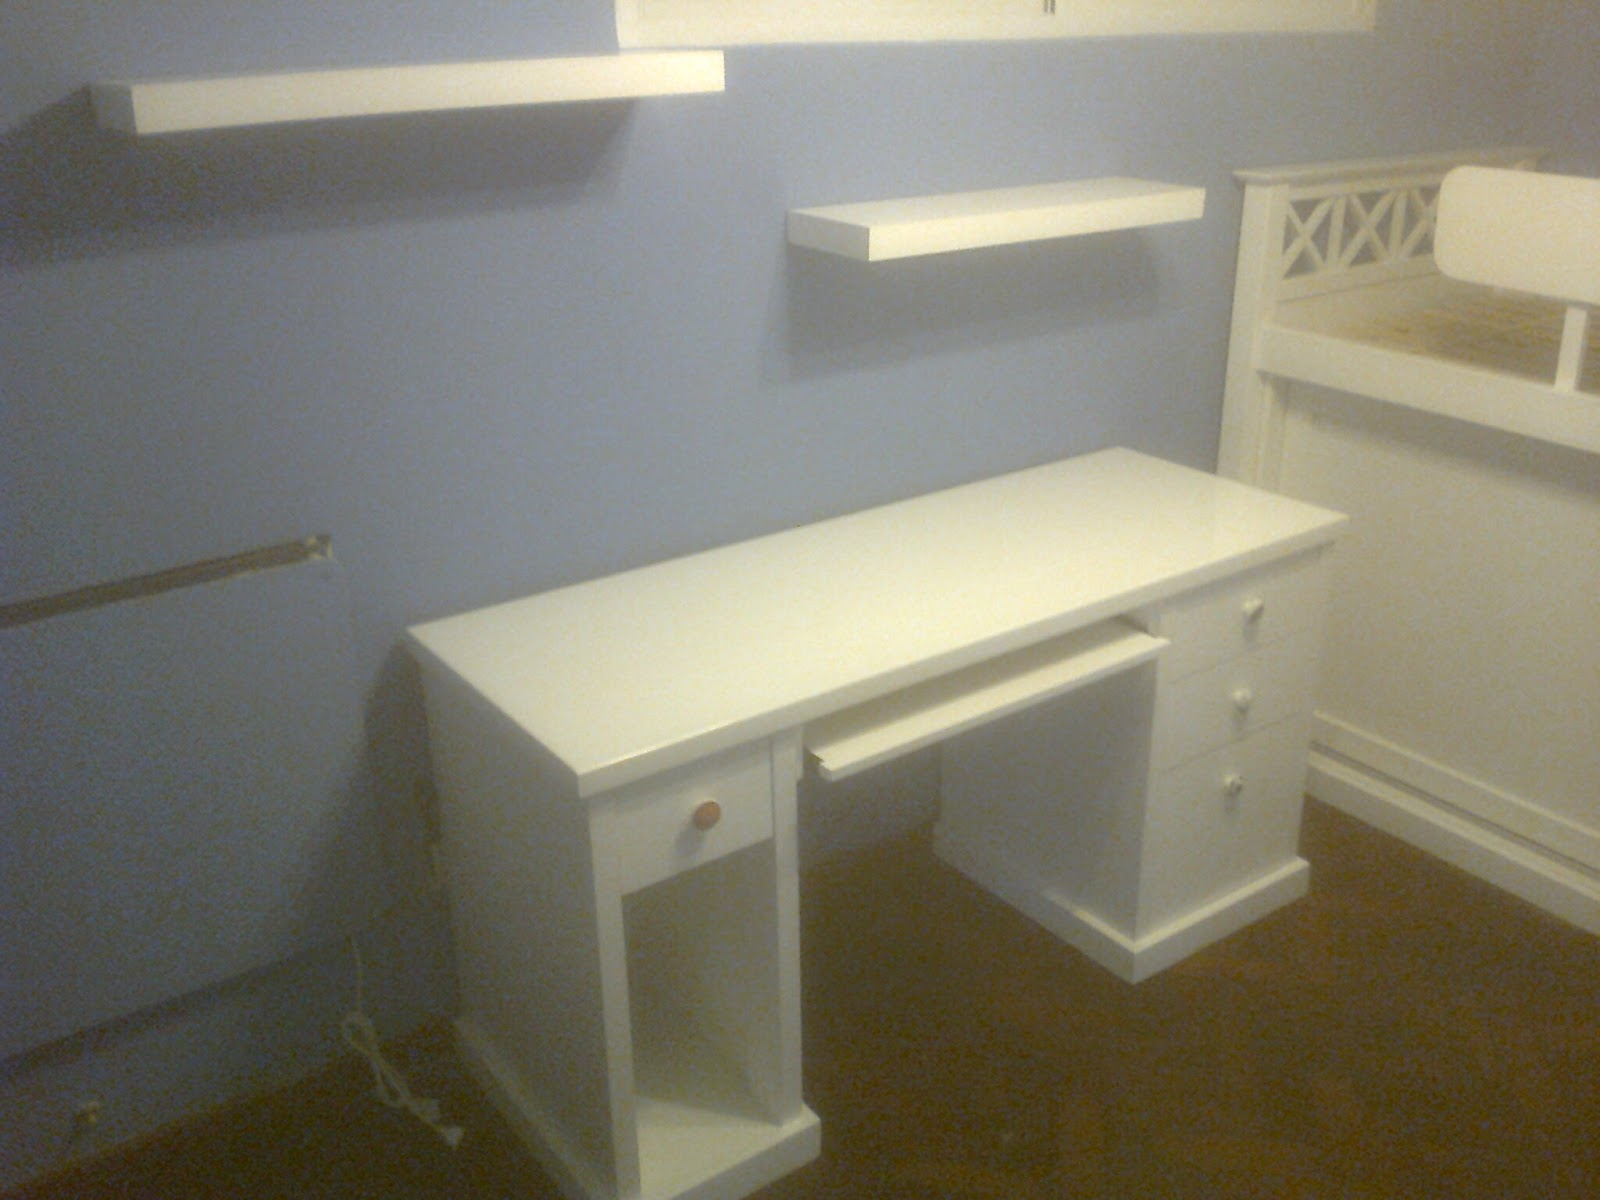 Benjamin escritorio laqueado y cama con placard abajo - Cama con escritorio abajo ...